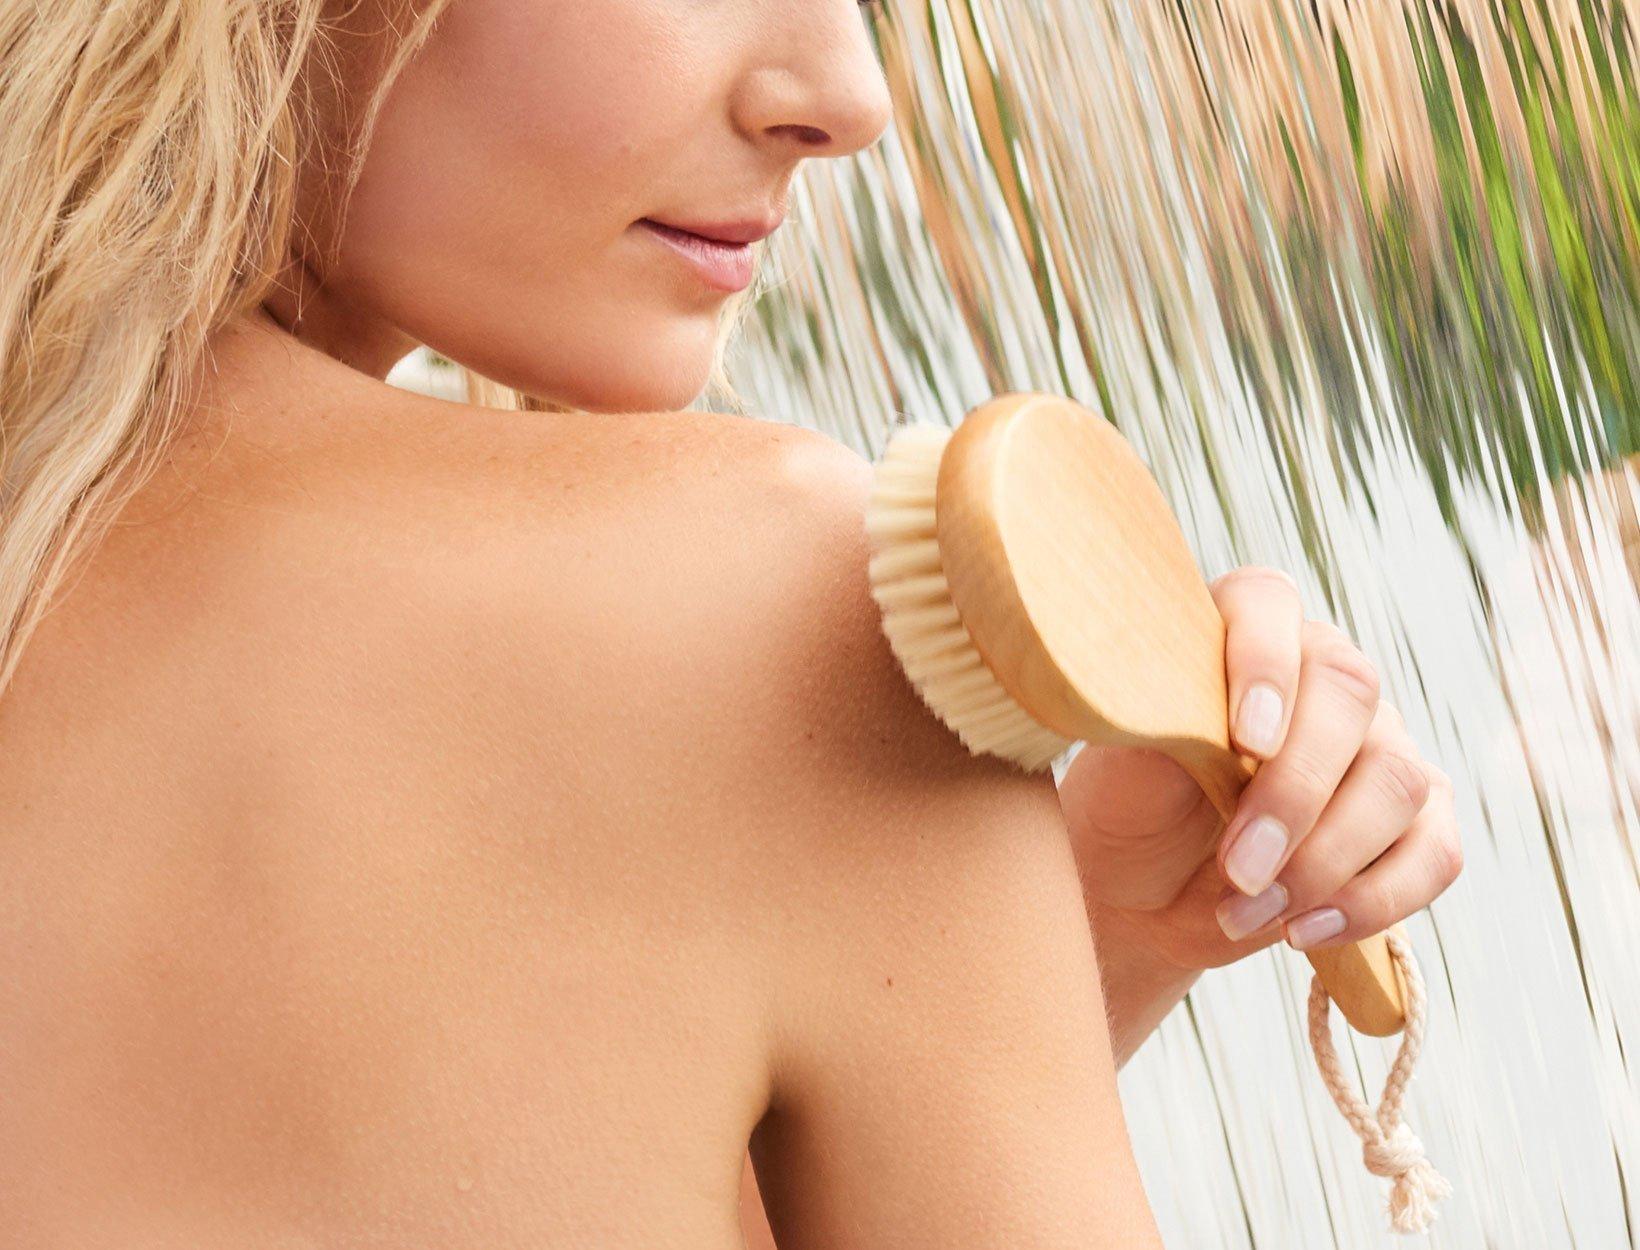 Có phải ai cũng có thể thực hiện phương pháp chải da khô?